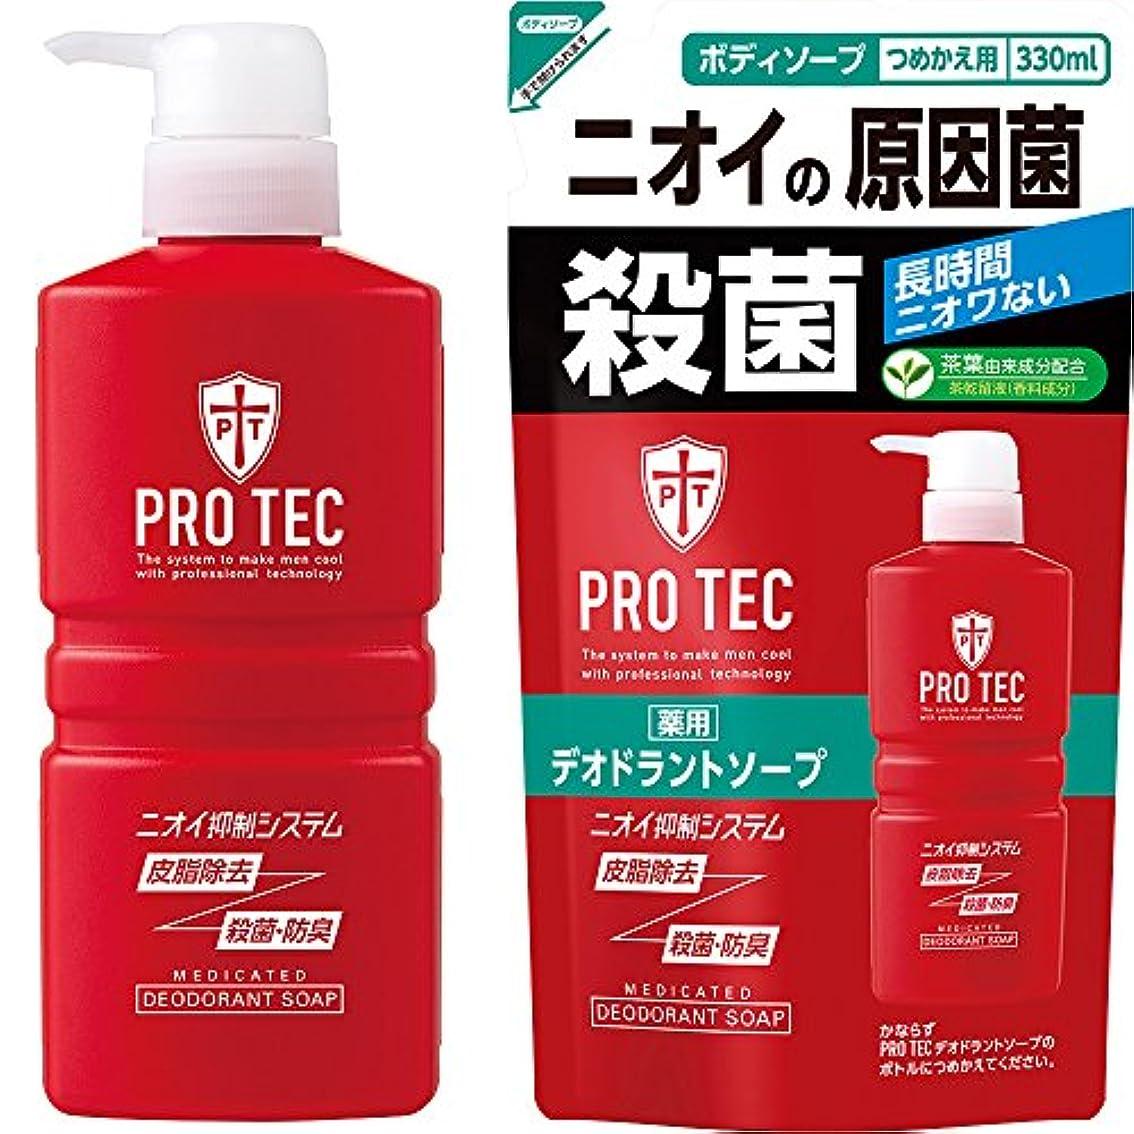 タンザニア飼い慣らす乱暴なPRO TEC(プロテク) デオドラントソープ ポンプ420ml+詰め替え330ml セット(医薬部外品)